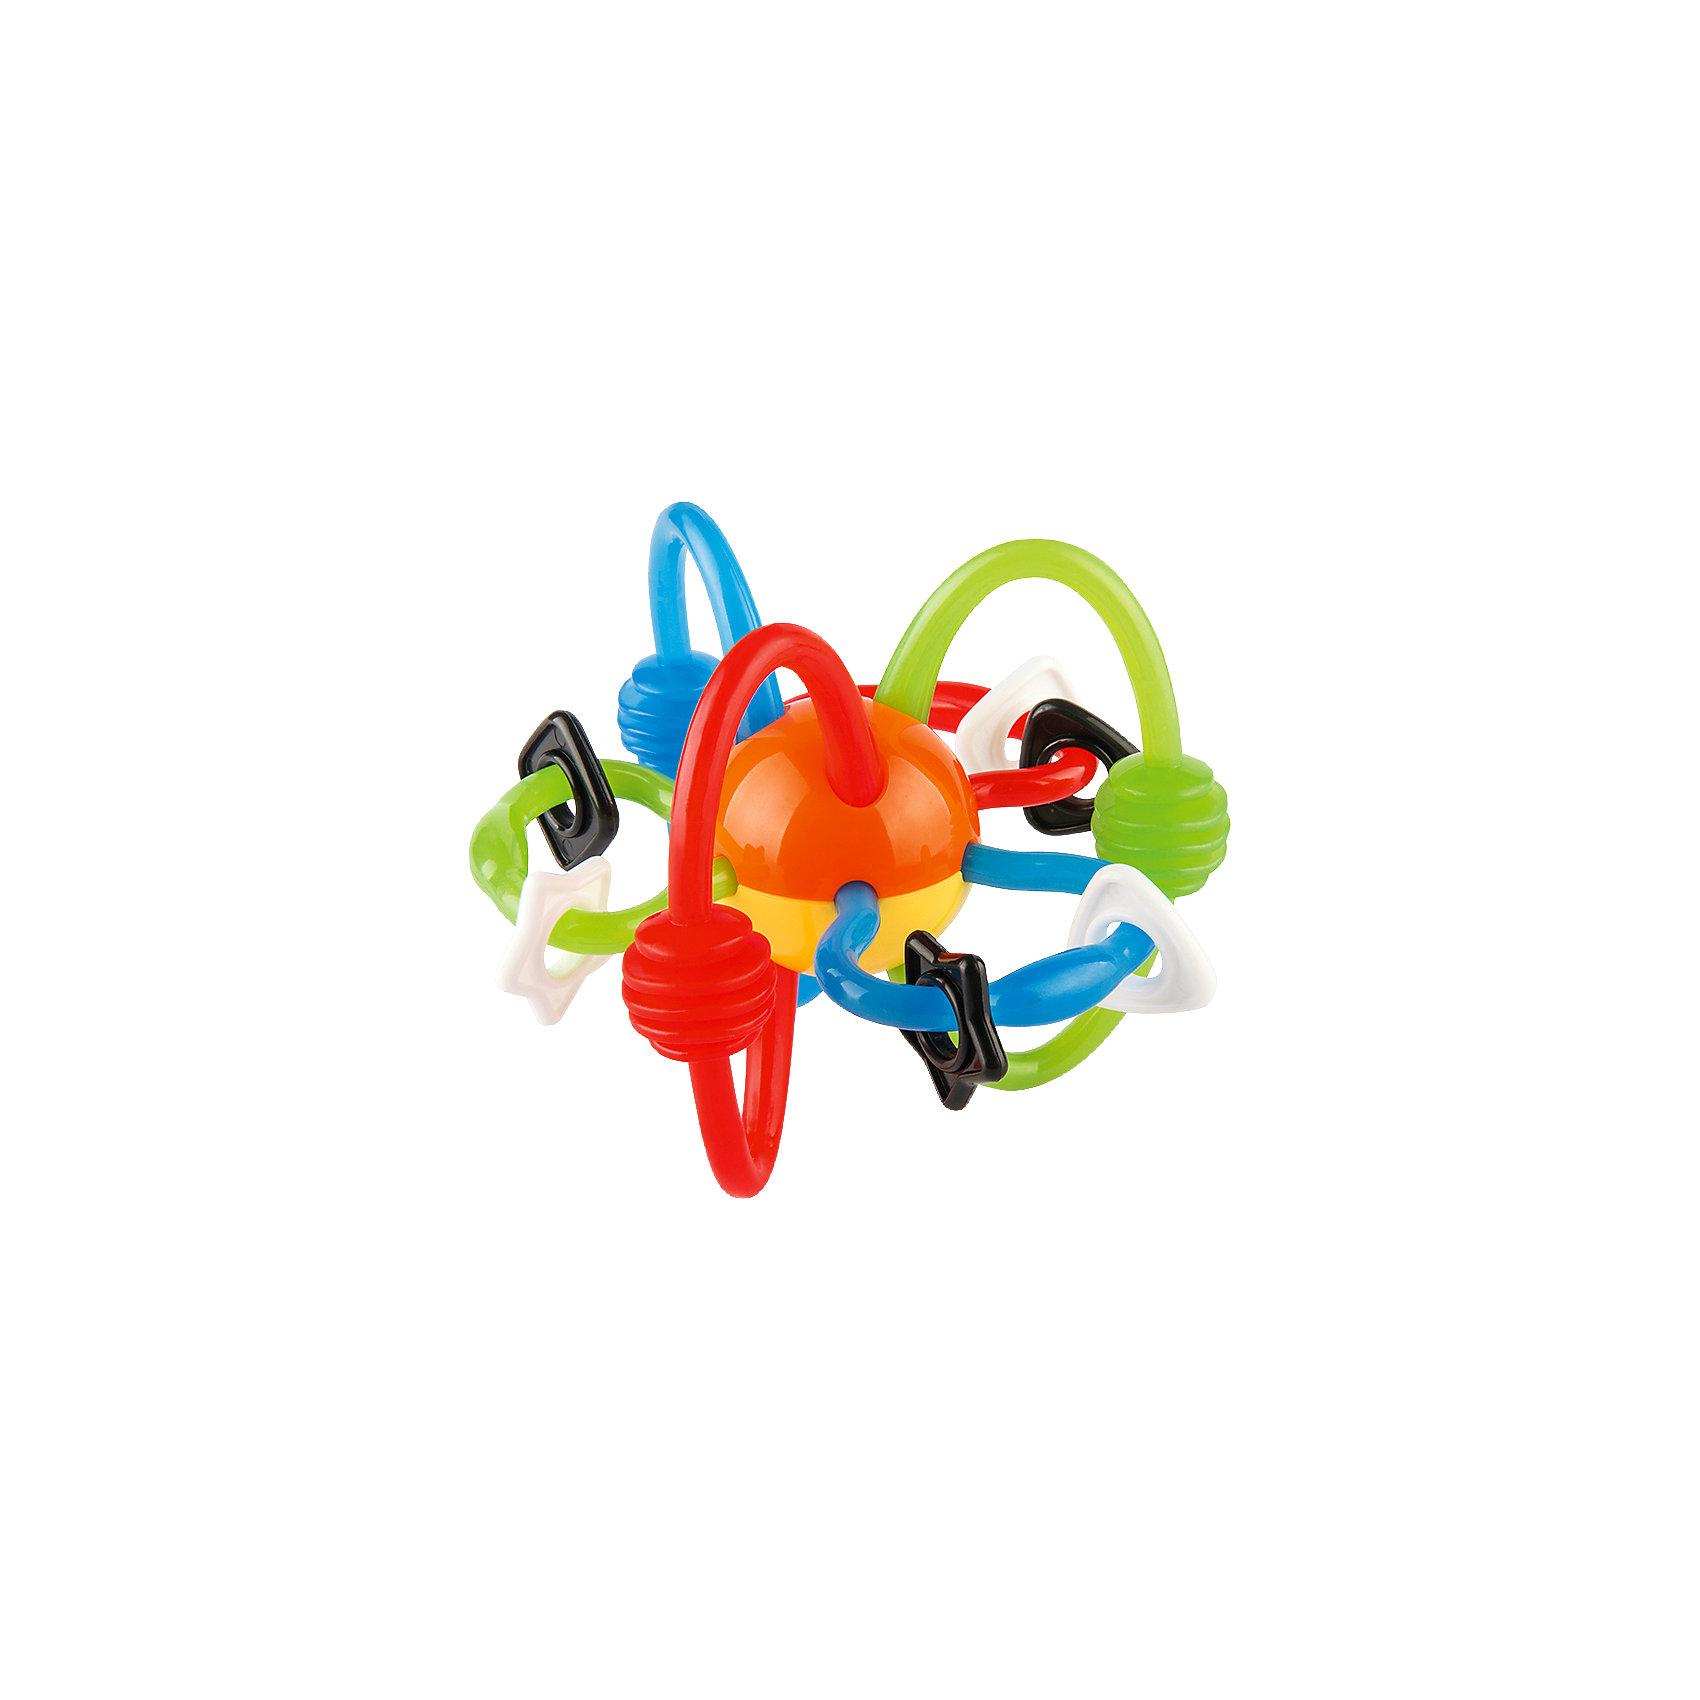 Игрушка Паучок, BkidsИгрушка Паучок, Bkids (Б Кидс) - интересный прорезыватель, который можно использовать и как игрушку. Все детали Паучка забавно двигаются и помогут крохе забыть о болезненных ощущениях в период прорезывания зубов. Дуги, присоединенные к шару можно грызть. Игрушка развивает логику и пространственное мышление и отлично подойдет для самых маленьких.<br><br>Дополнительная информация:<br>Диаметр игрушки: 16 см<br>Размер упаковки: 10,16х11,43 см<br><br>Игрушку Паучок, Bkids (Б Кидс) можно купить в нашем интернет-магазине.<br><br>Ширина мм: 174<br>Глубина мм: 109<br>Высота мм: 88<br>Вес г: 68<br>Возраст от месяцев: 0<br>Возраст до месяцев: 12<br>Пол: Унисекс<br>Возраст: Детский<br>SKU: 4159345